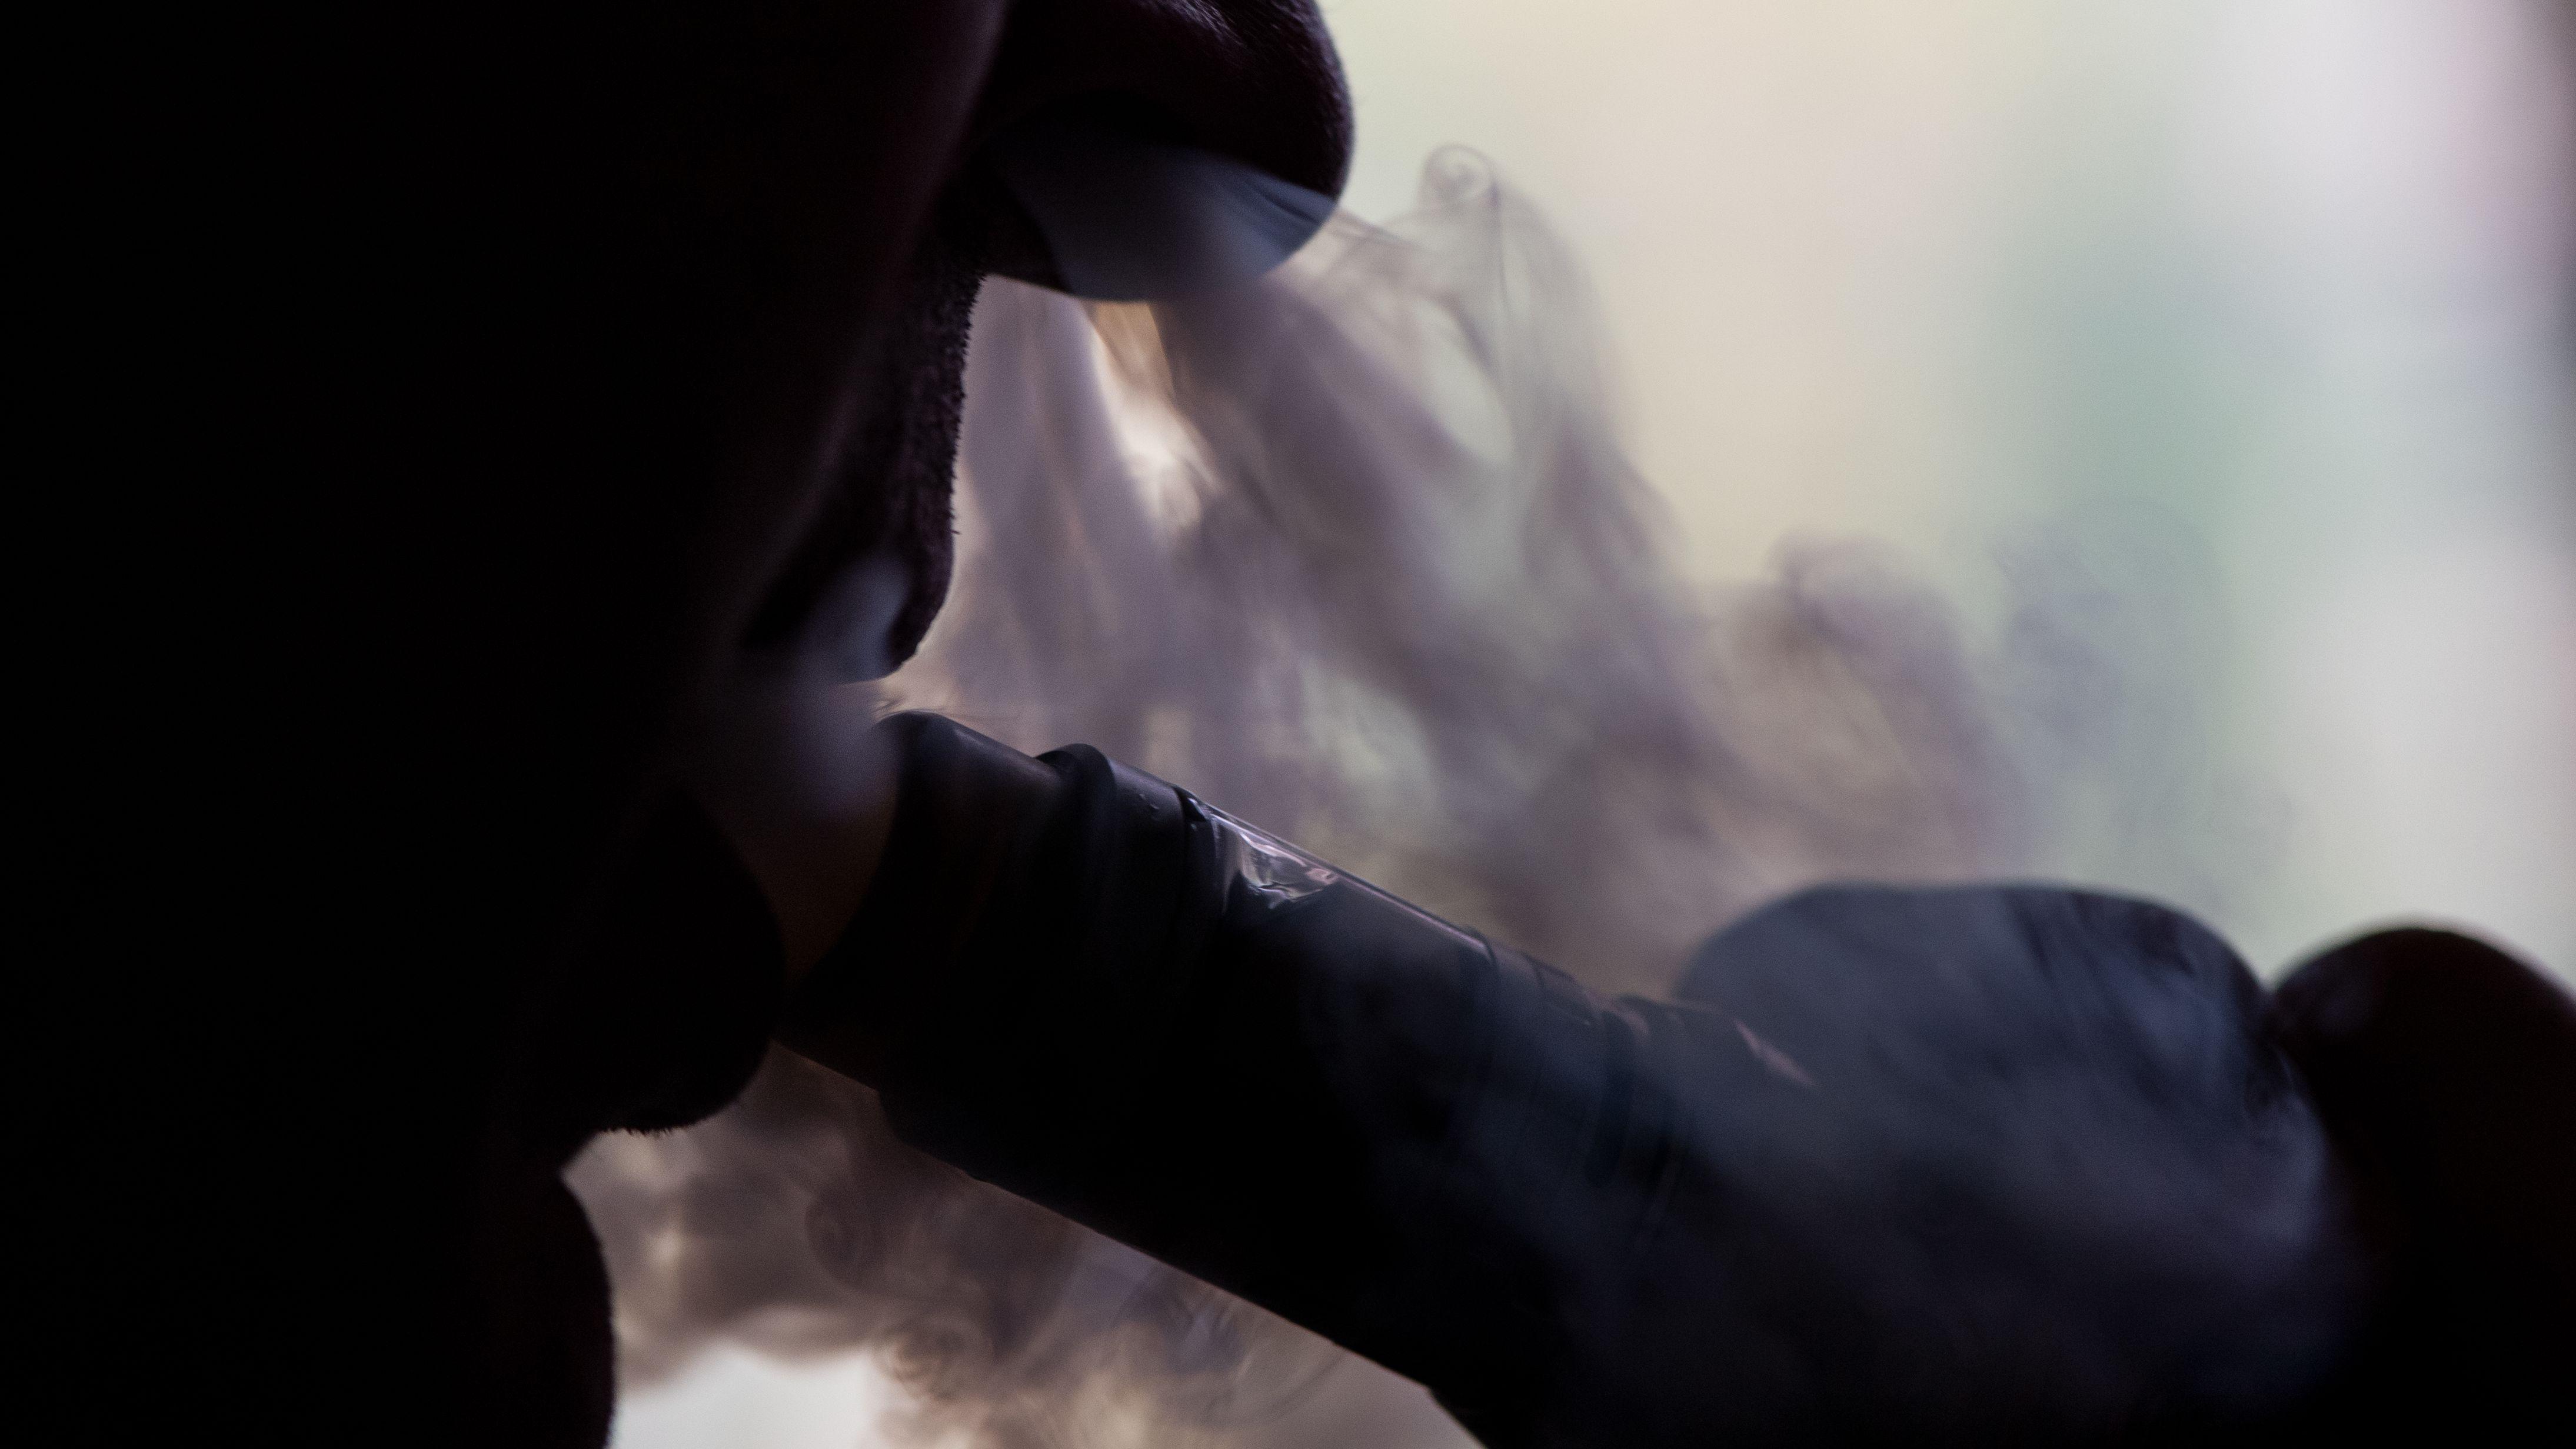 Ein Raucher raucht eine E-Zigarette